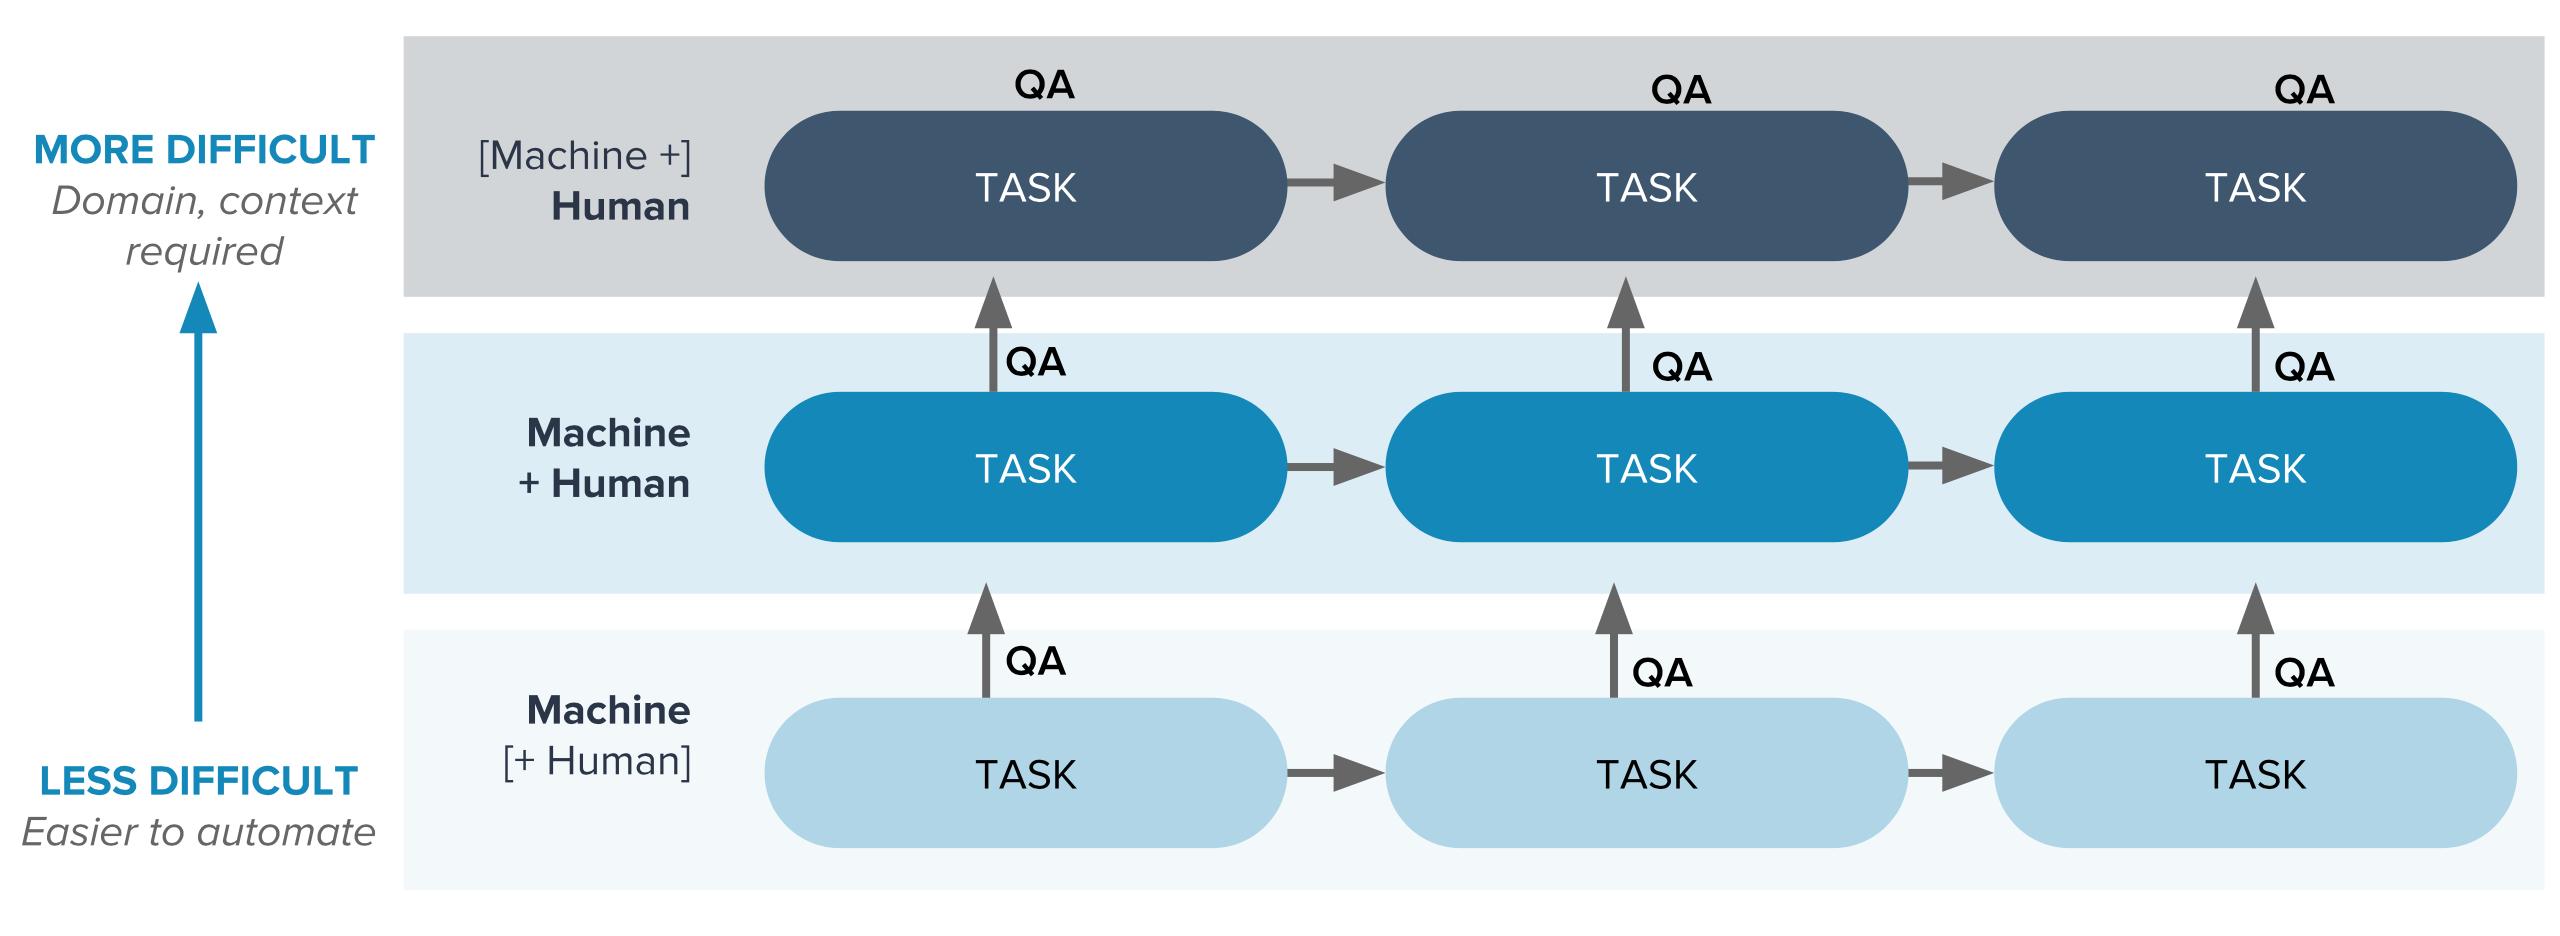 Tool-People Task Progression